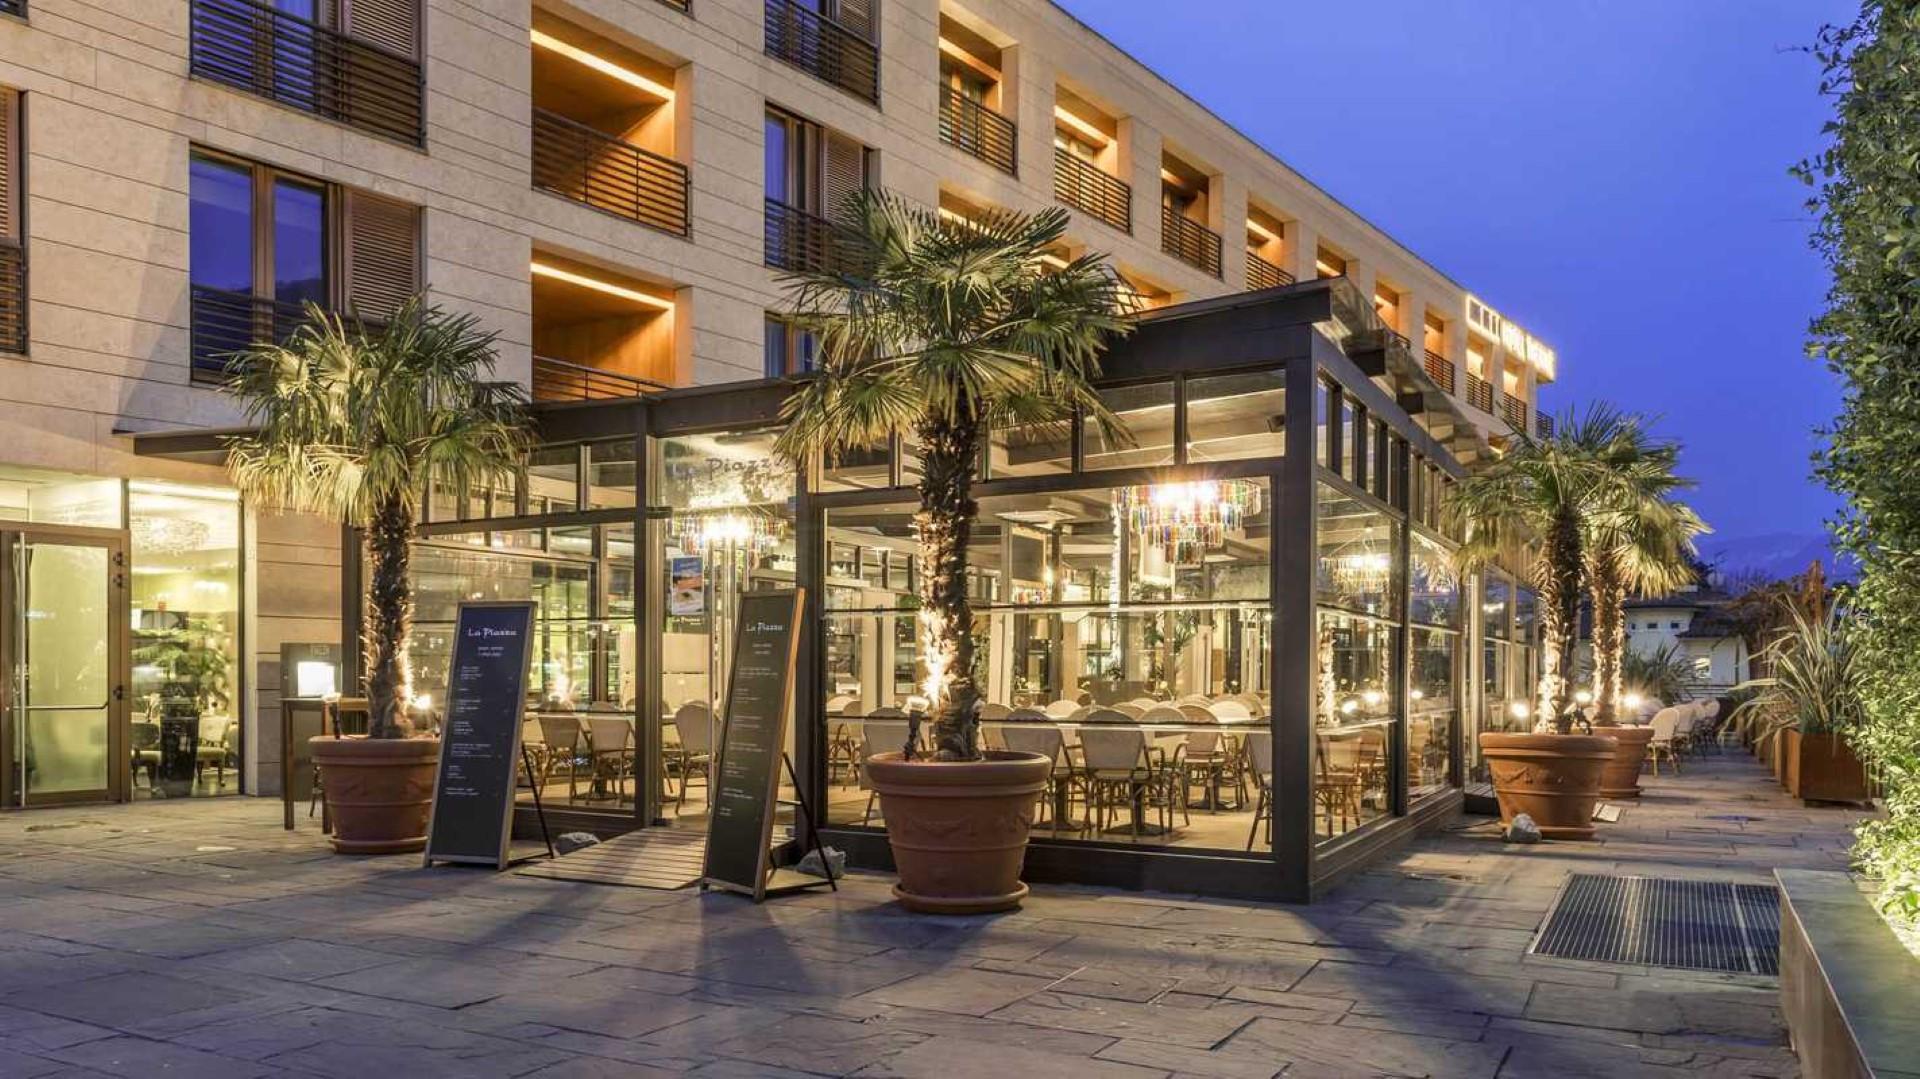 Le terme di merano hotel a lana for Design hotel meran